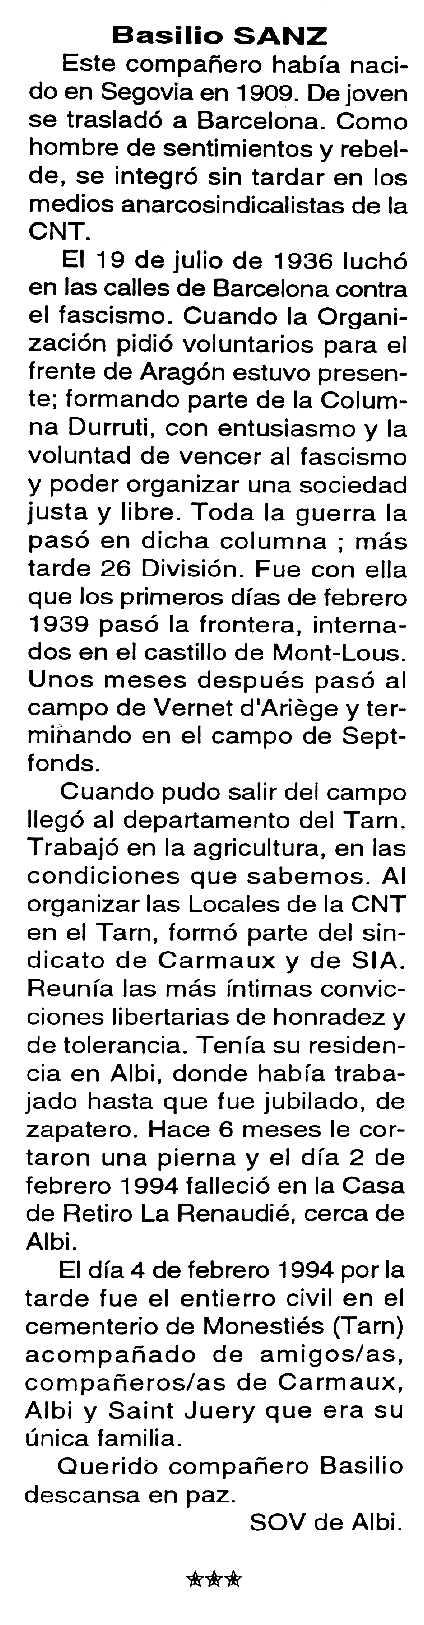 """Necrològica de Basilio Sanz apareguda en el periòdic tolosà """"Cenit"""" del 8 de març de 1994"""